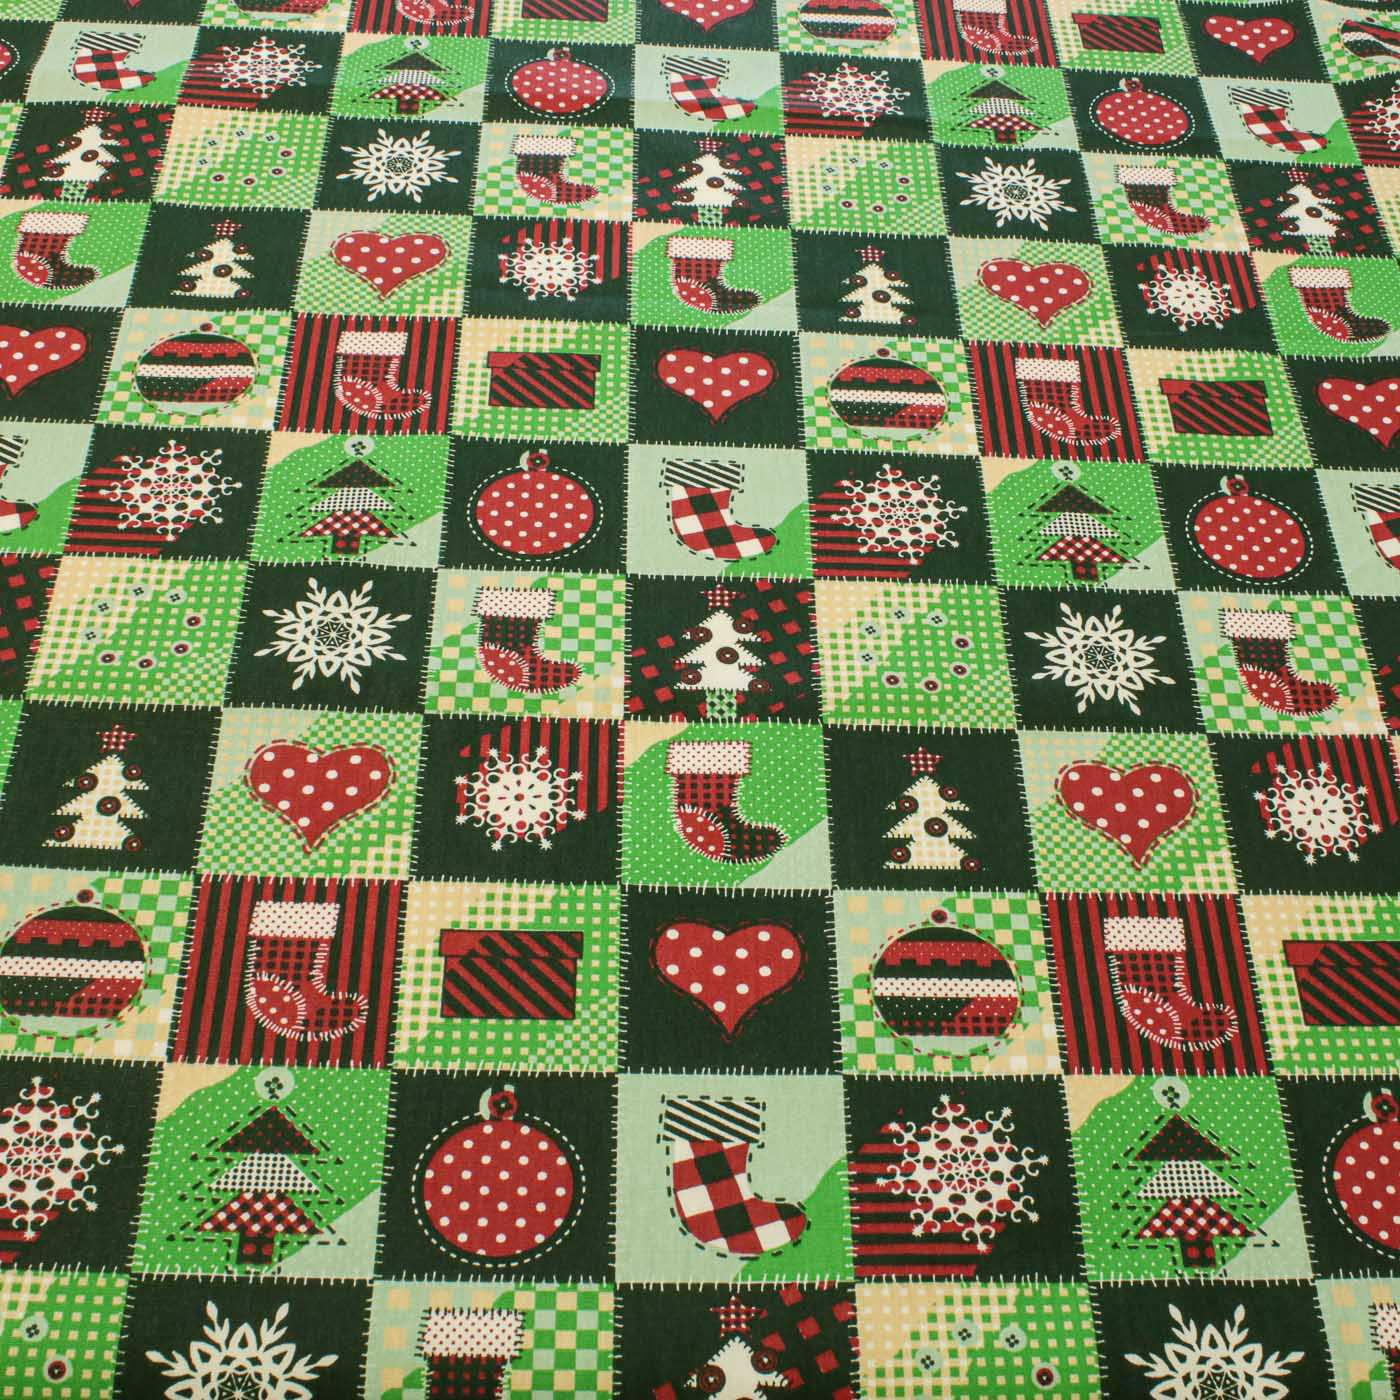 Tecido Tricoline Estampado Natal Botas Meias Corações  Verde